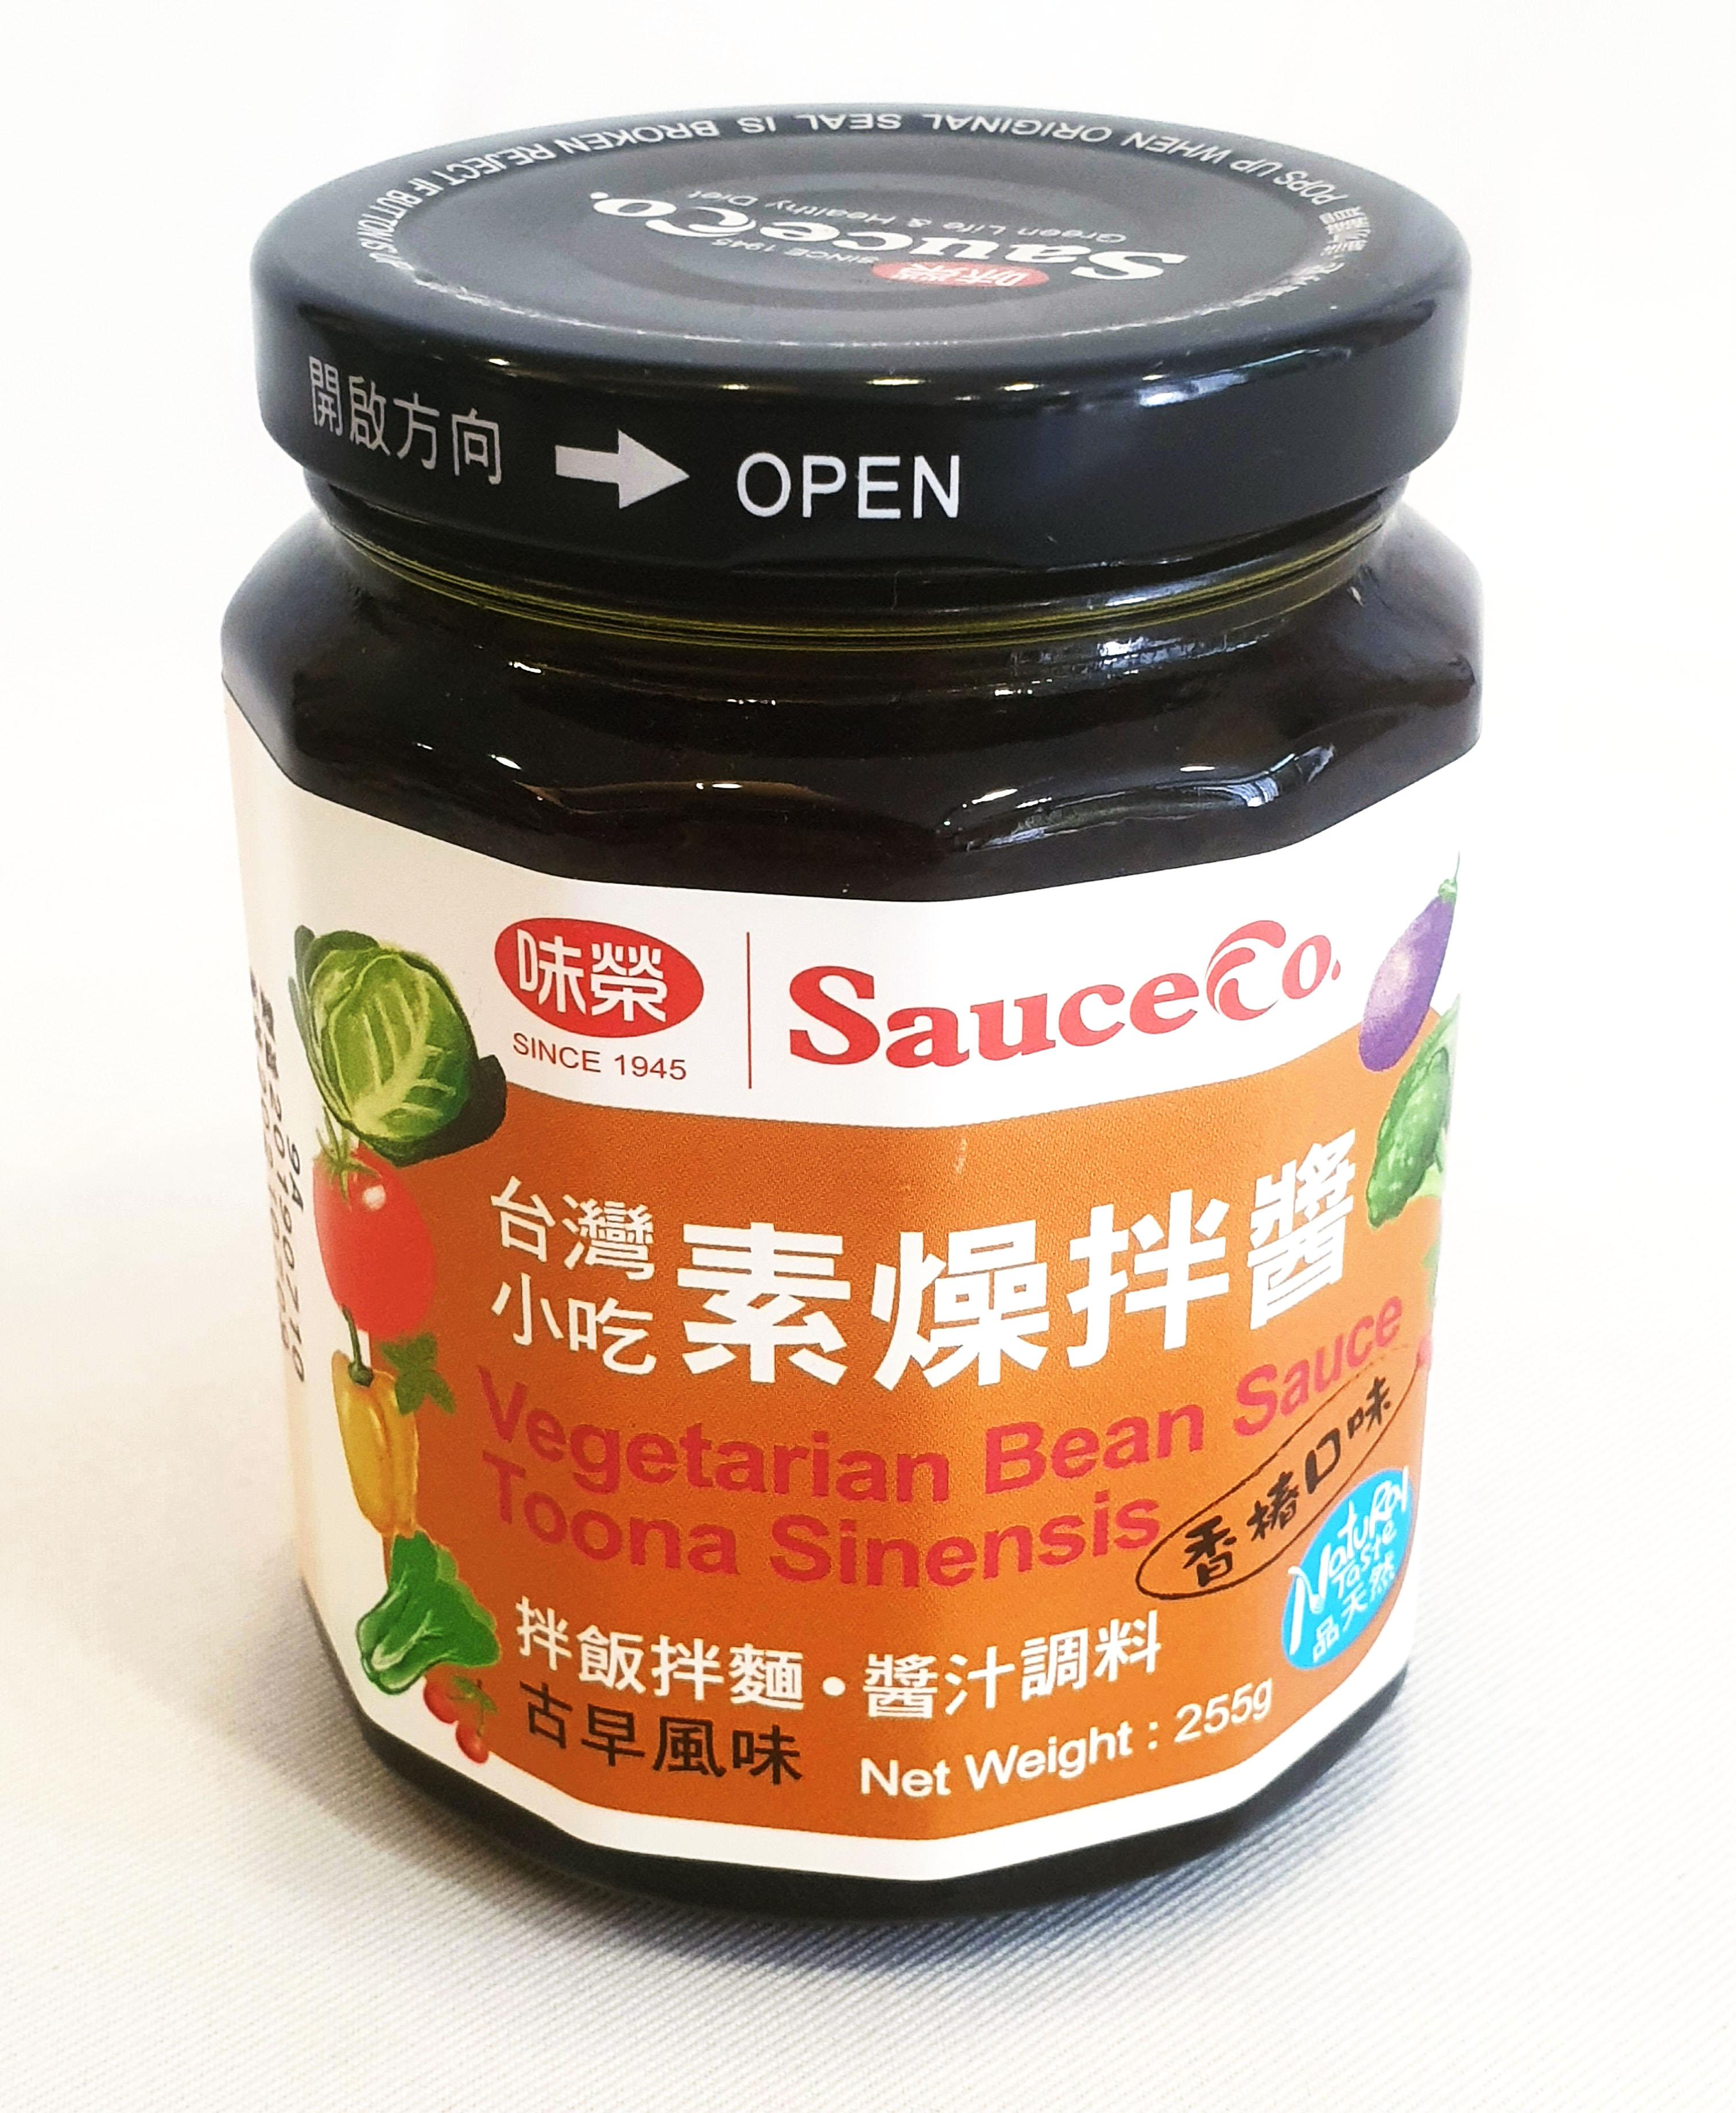 味榮 素燥拌醬 全素 255公克/罐 (台灣製造)